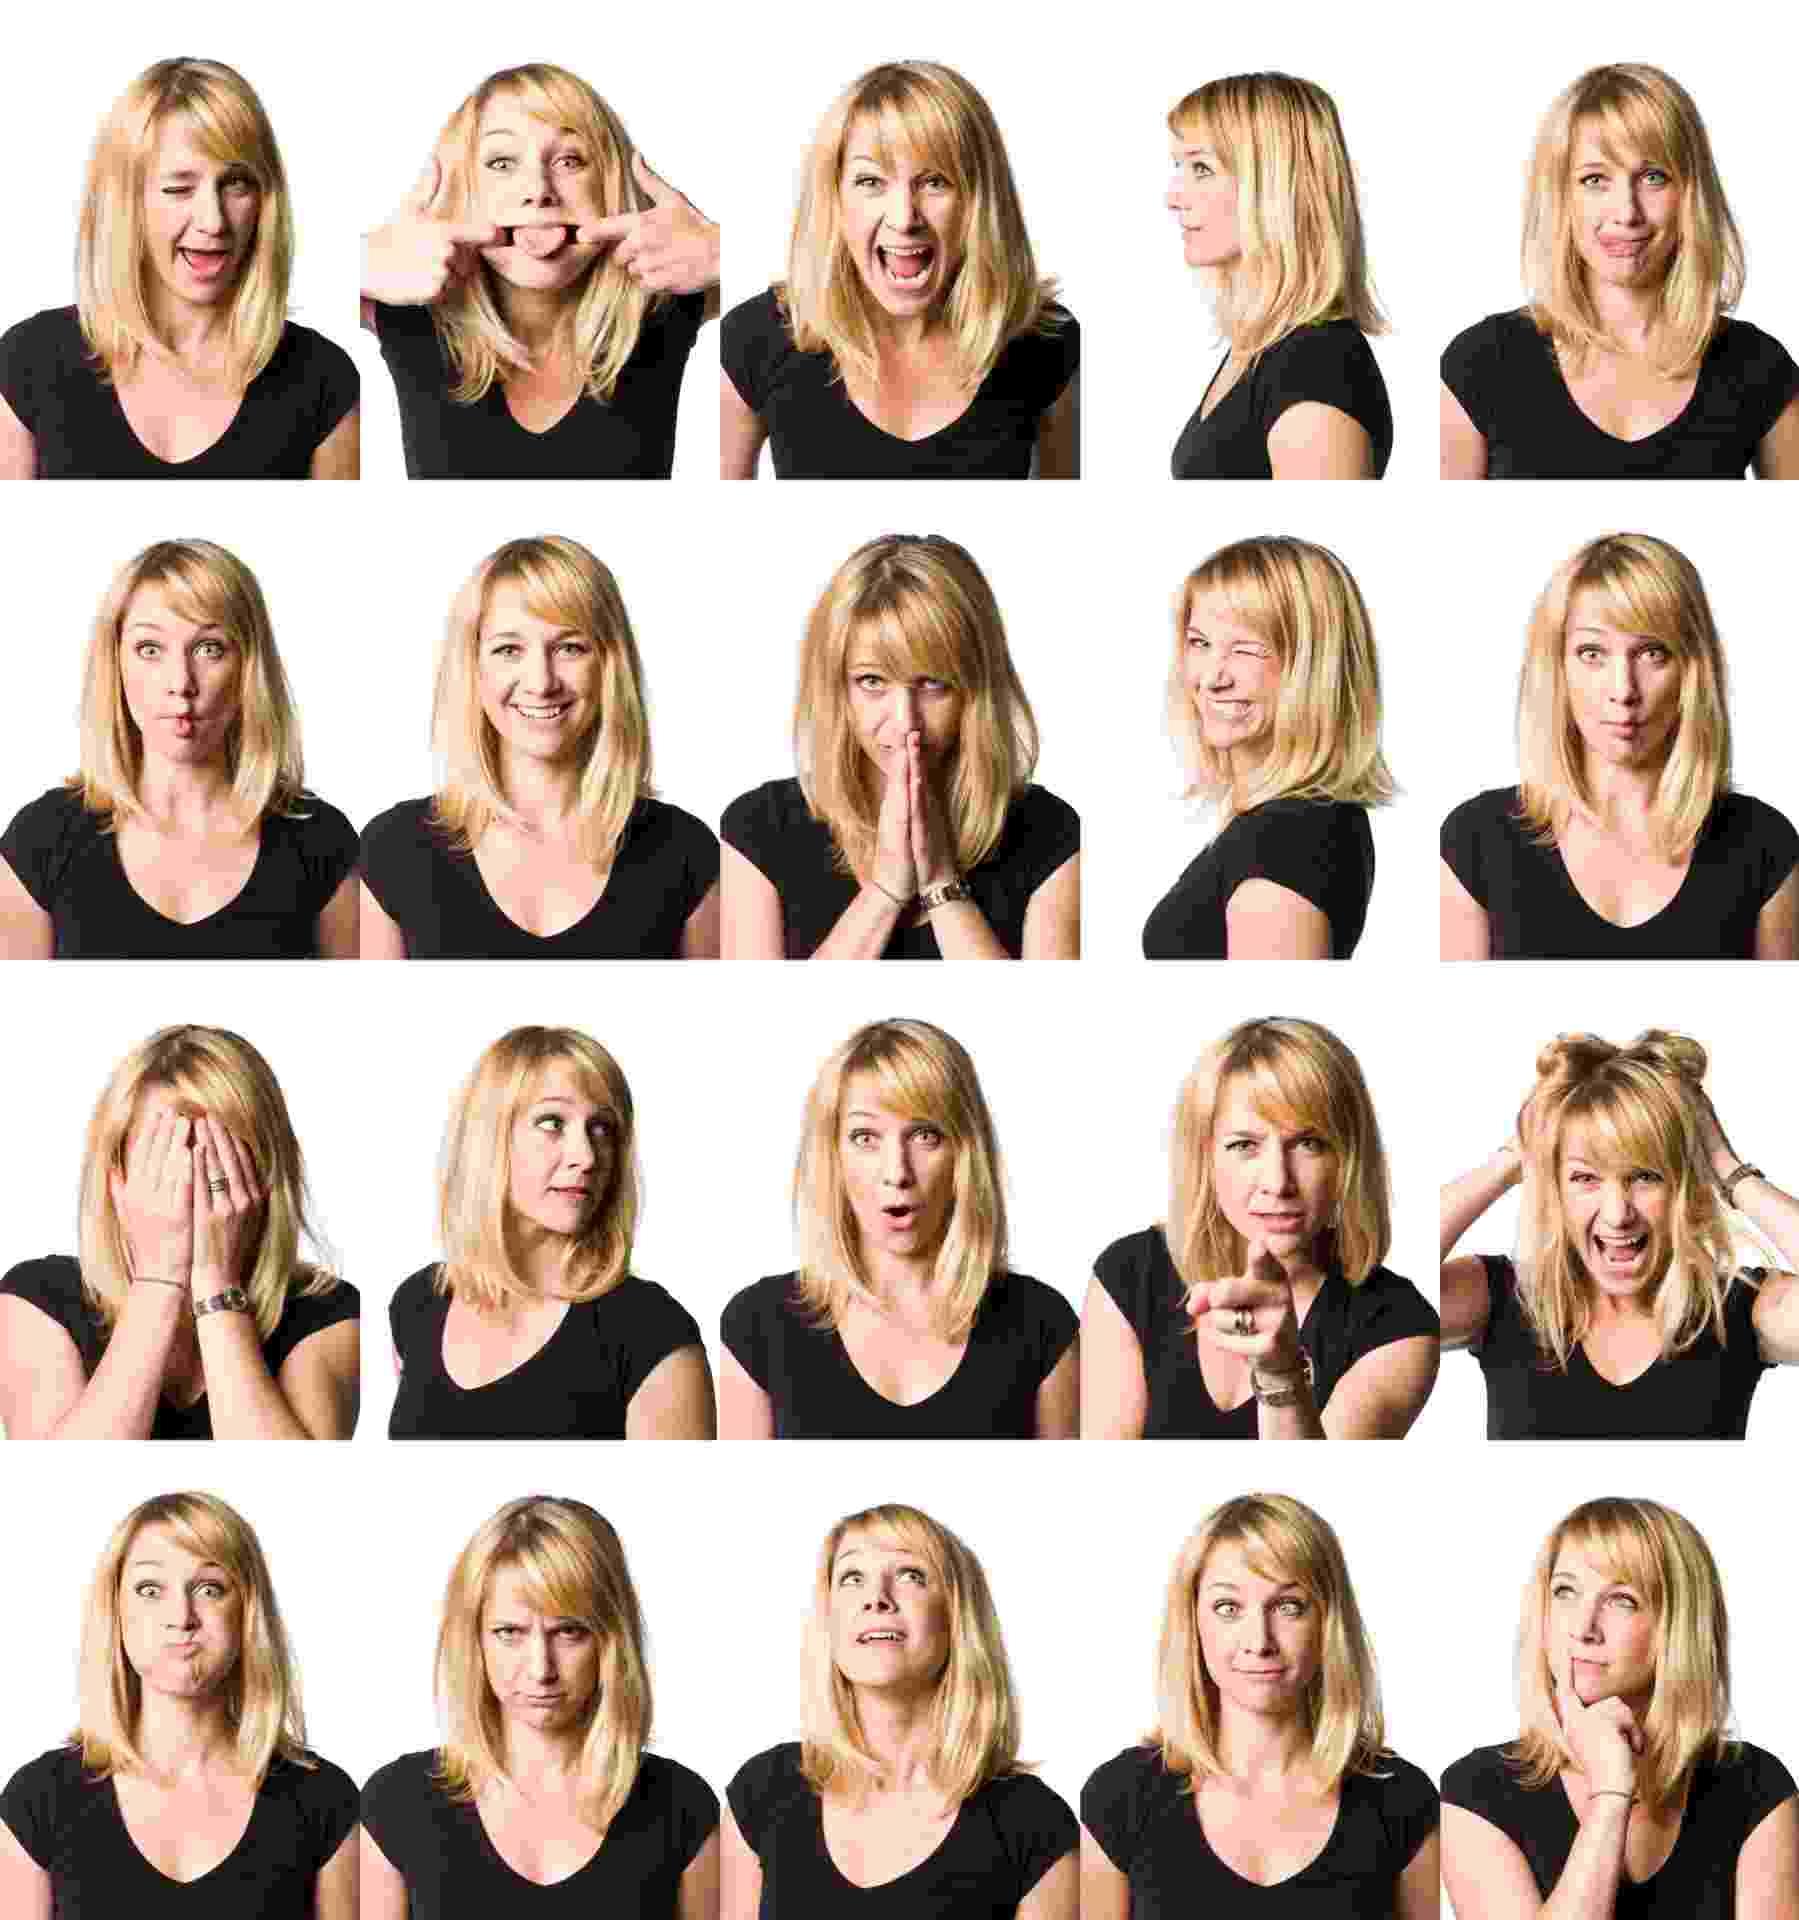 12.set.2013 - álbum de pesquisas sobre mentiras -  Departamento de Psicologia da Universidade da Califórnia em São Francisco - Thinkstock/Getty Images